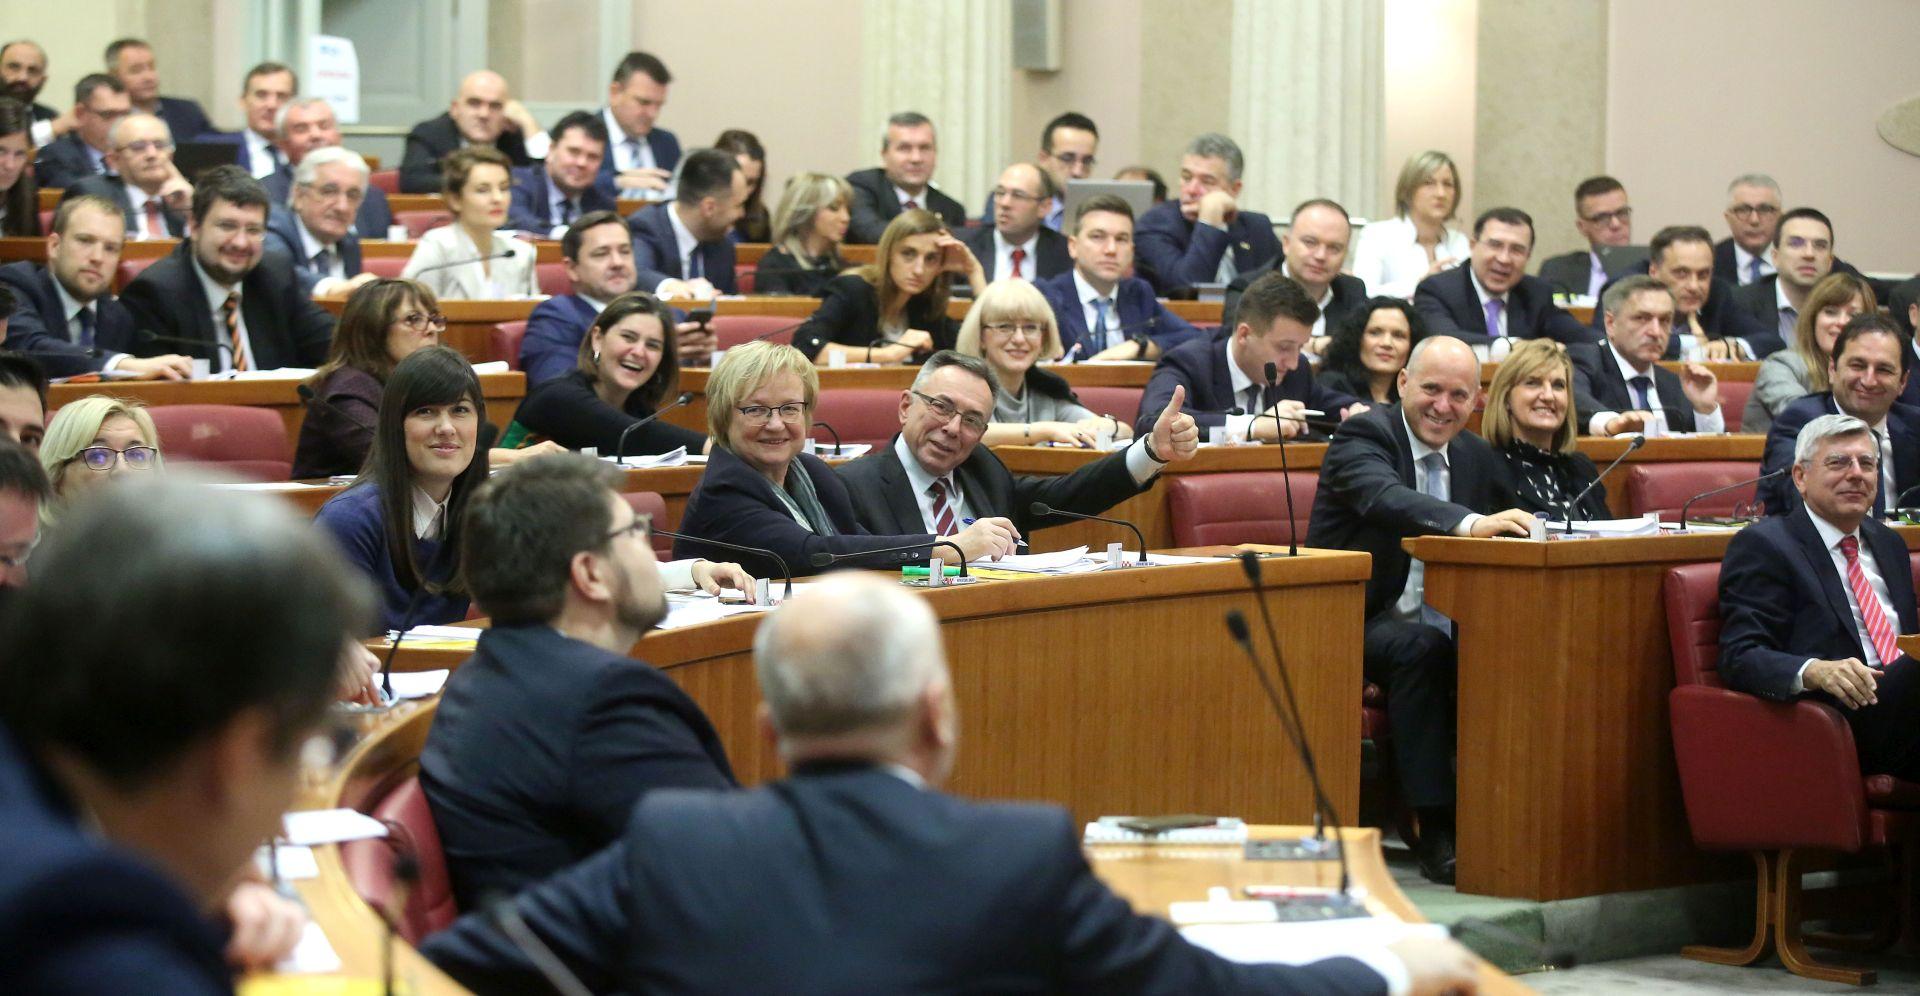 Hrvatski sabor usvojio državni proračun za 2019. godinu